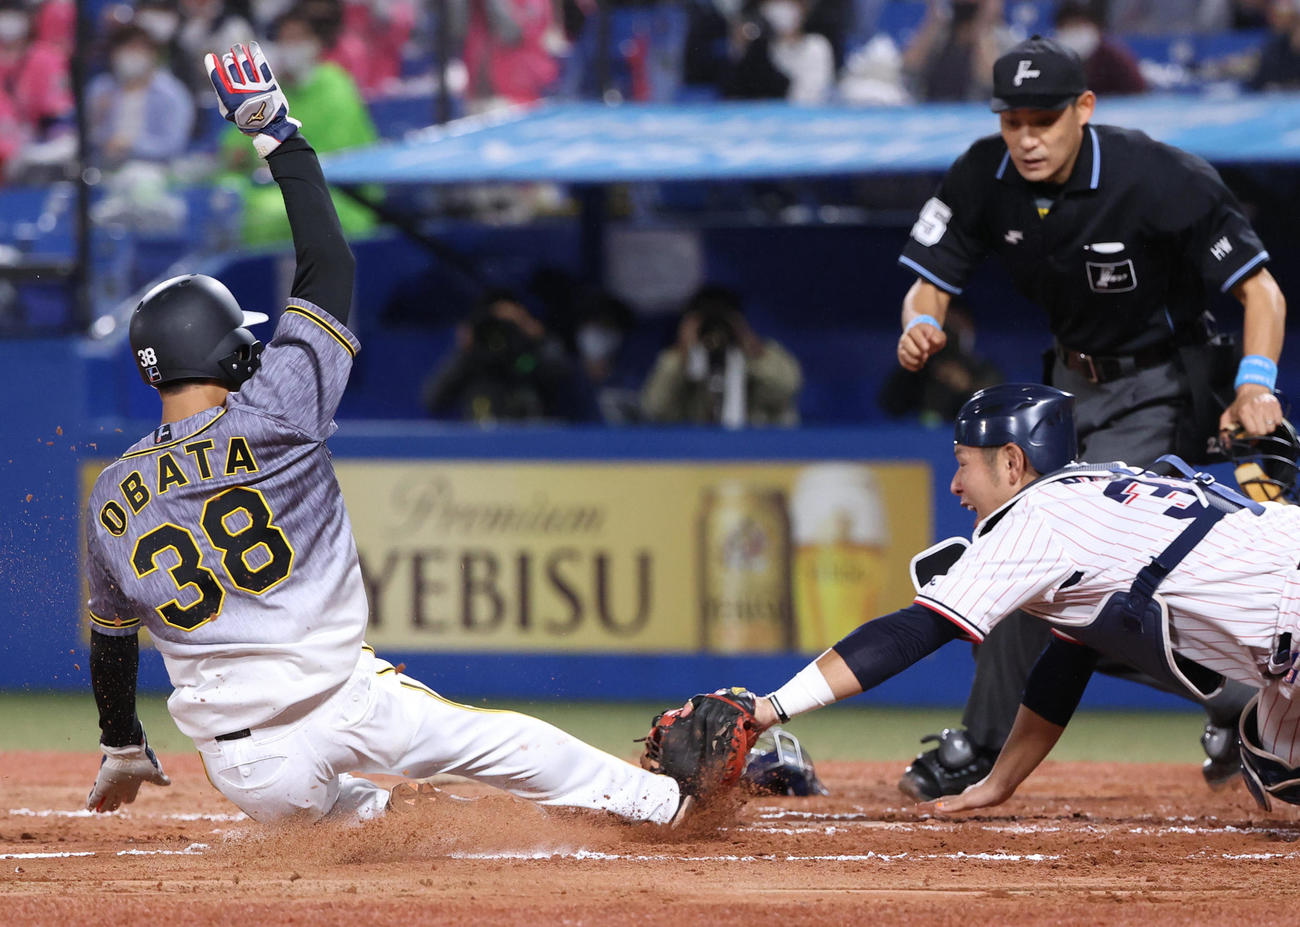 ヤクルト対阪神 7回表阪神2死一塁、高山の飛球を遊撃西浦が落球、一塁から本塁を狙った小幡はアウトとなる、捕手西田(撮影・清水貴仁)